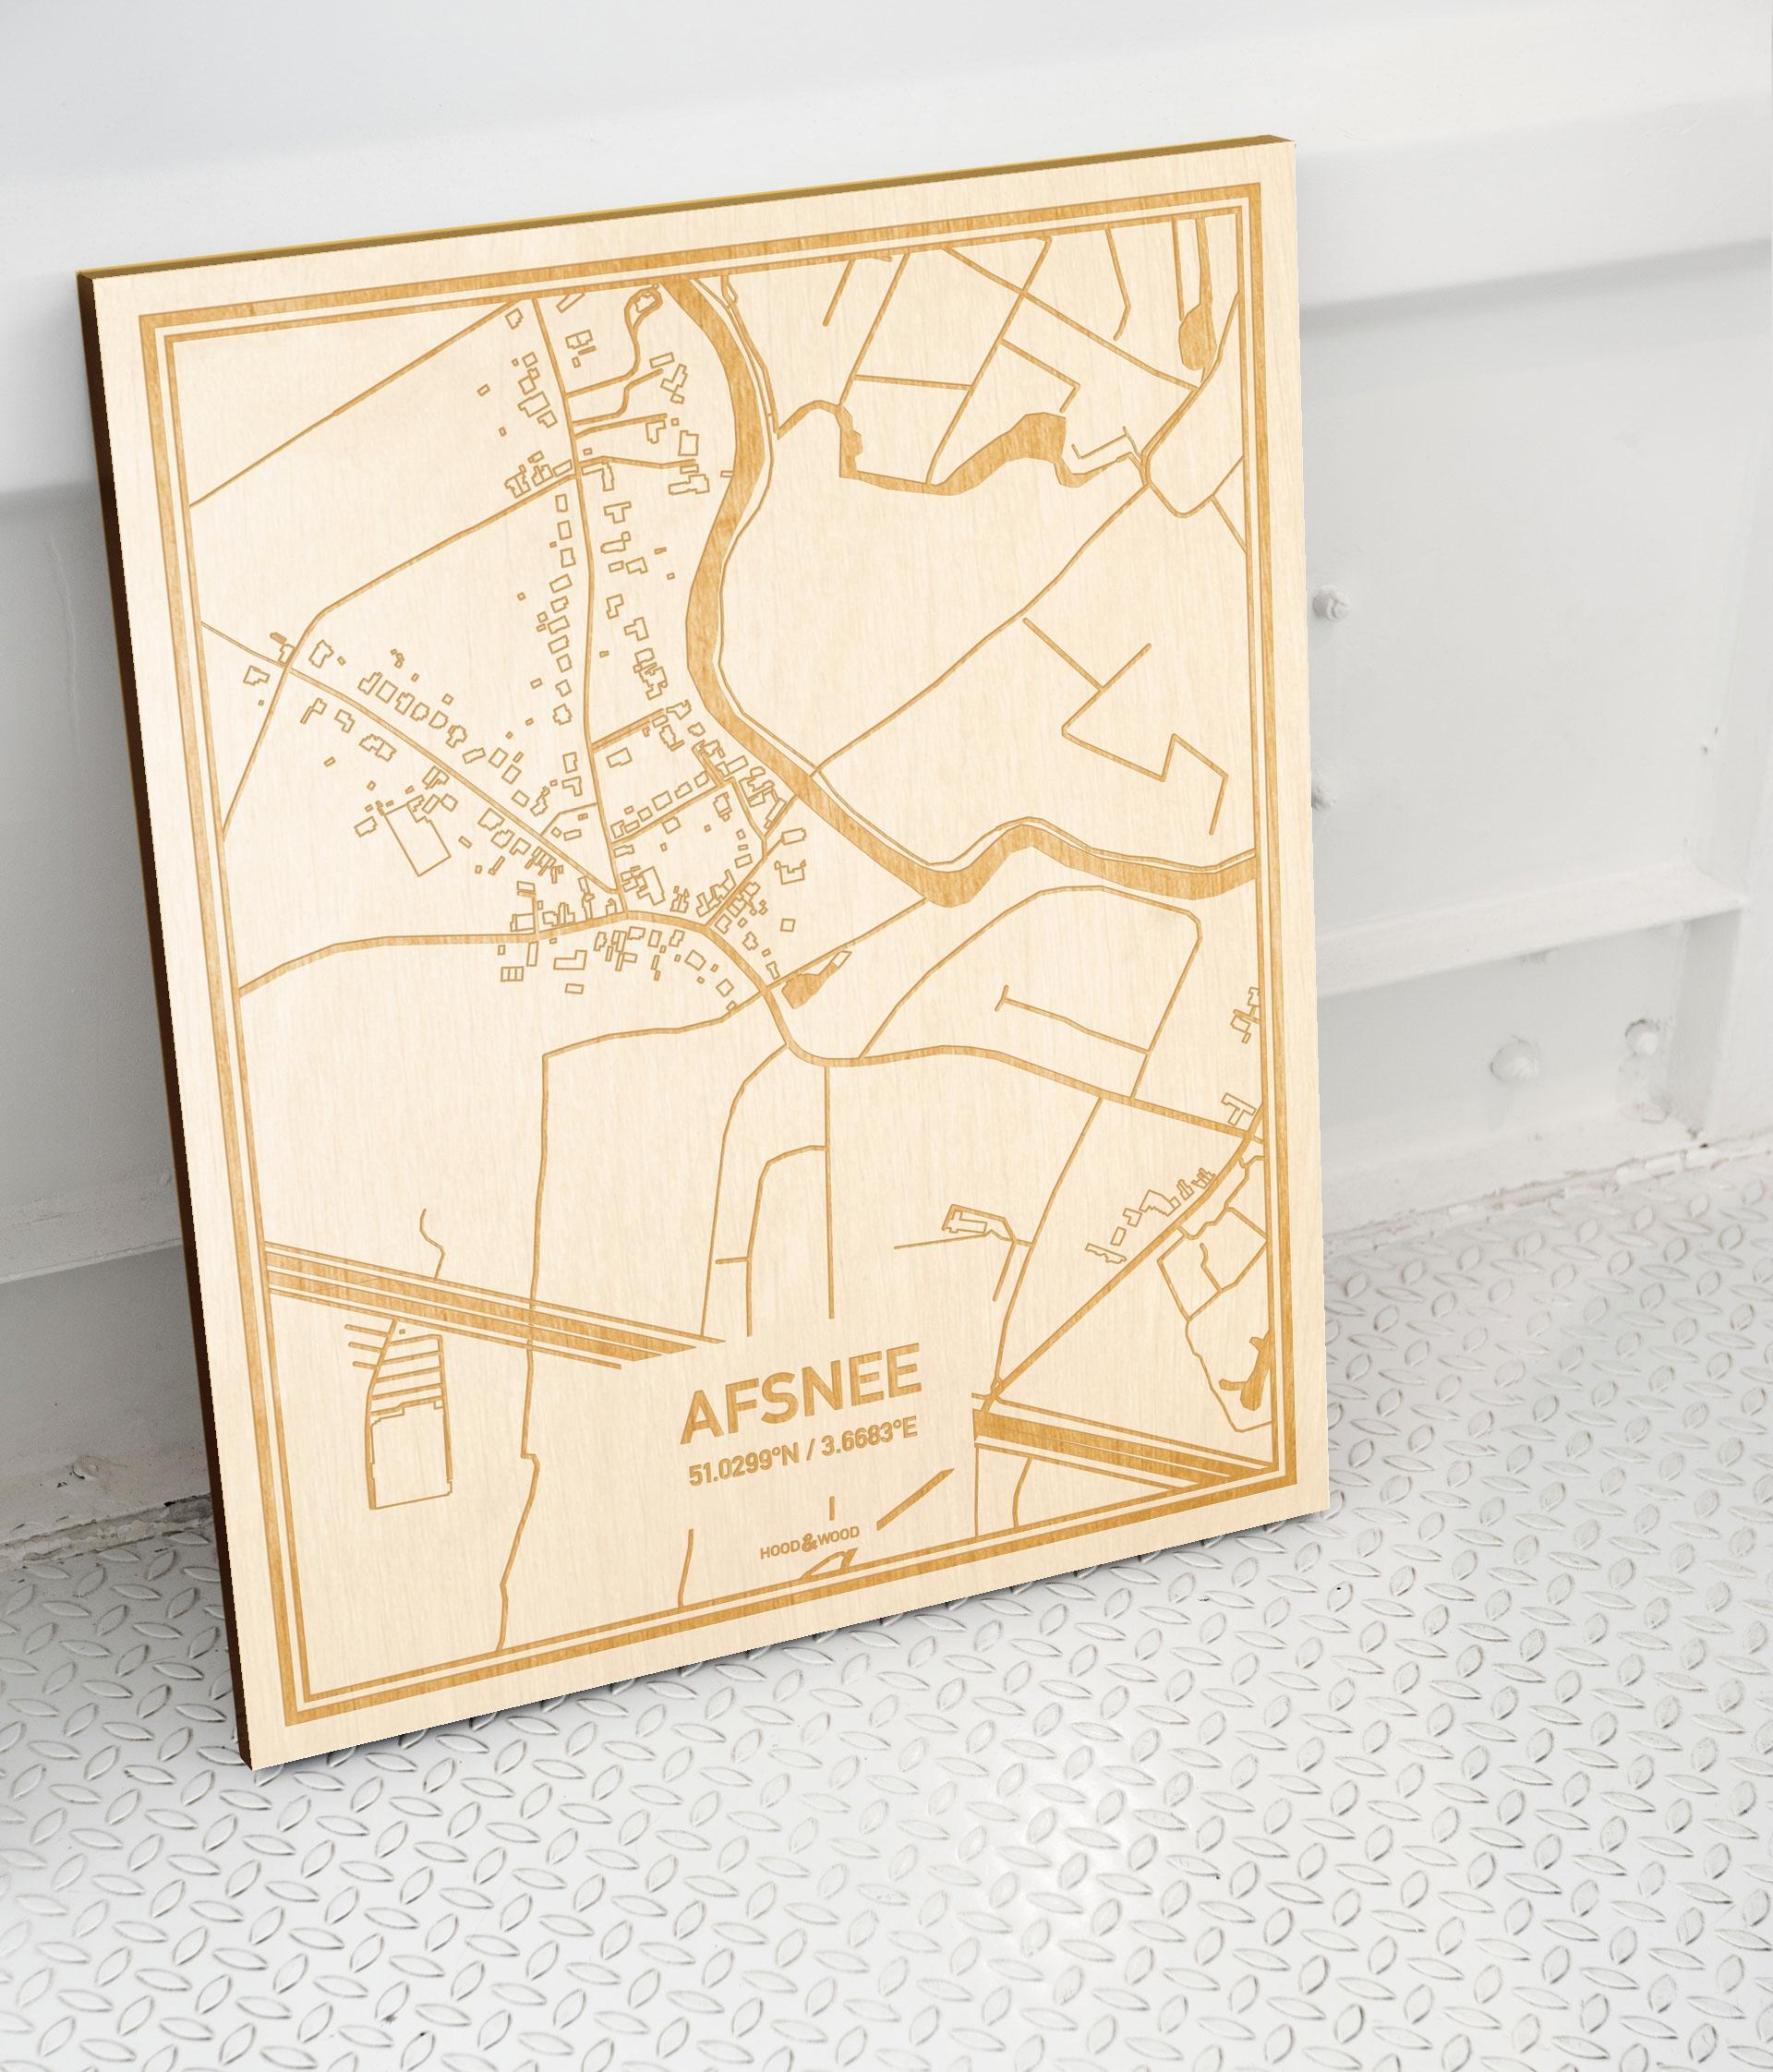 Plattegrond Afsnee als prachtige houten wanddecoratie. Het warme hout contrasteert mooi met de witte muur.